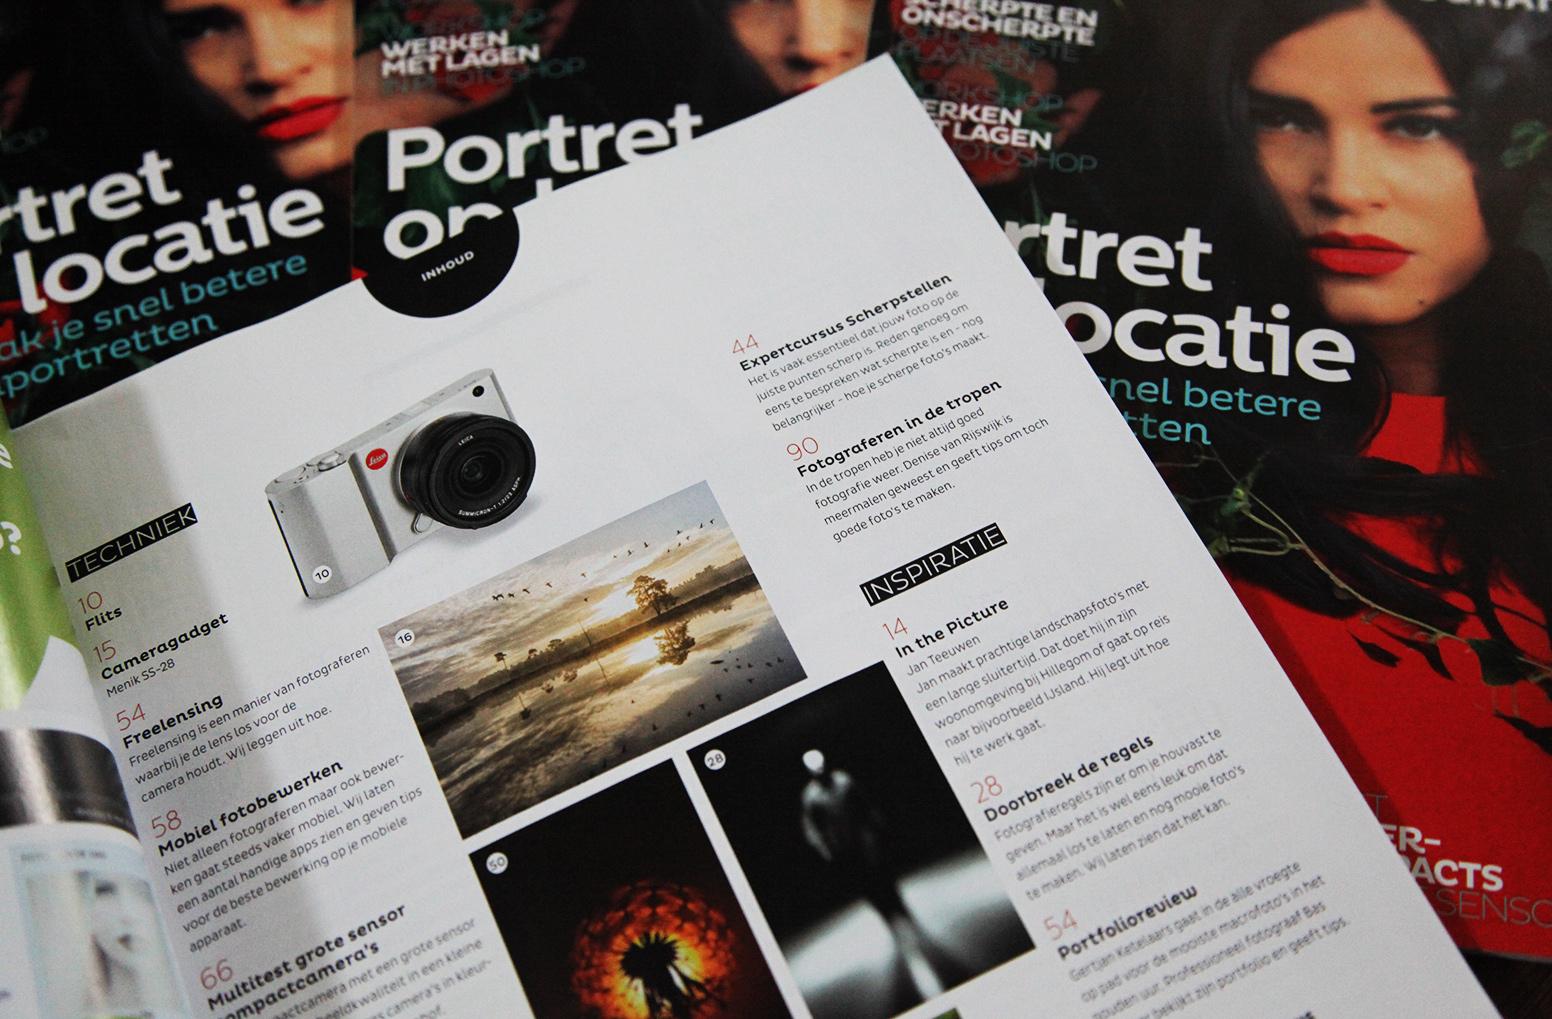 Fotograferenopreis.nl staat deze maand in de Zoom.nl